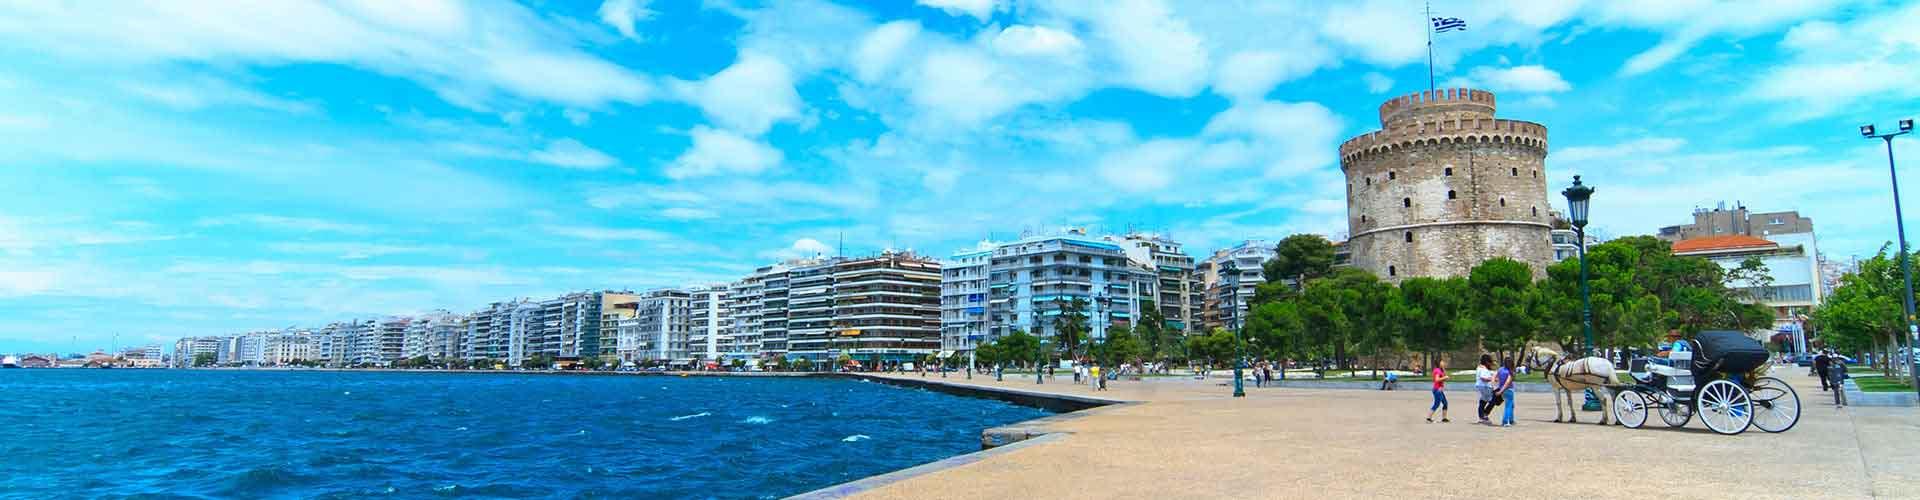 Salónica - Hoteles baratos en Salónica. Mapas de Salónica, Fotos y comentarios de cada Hotel en Salónica.